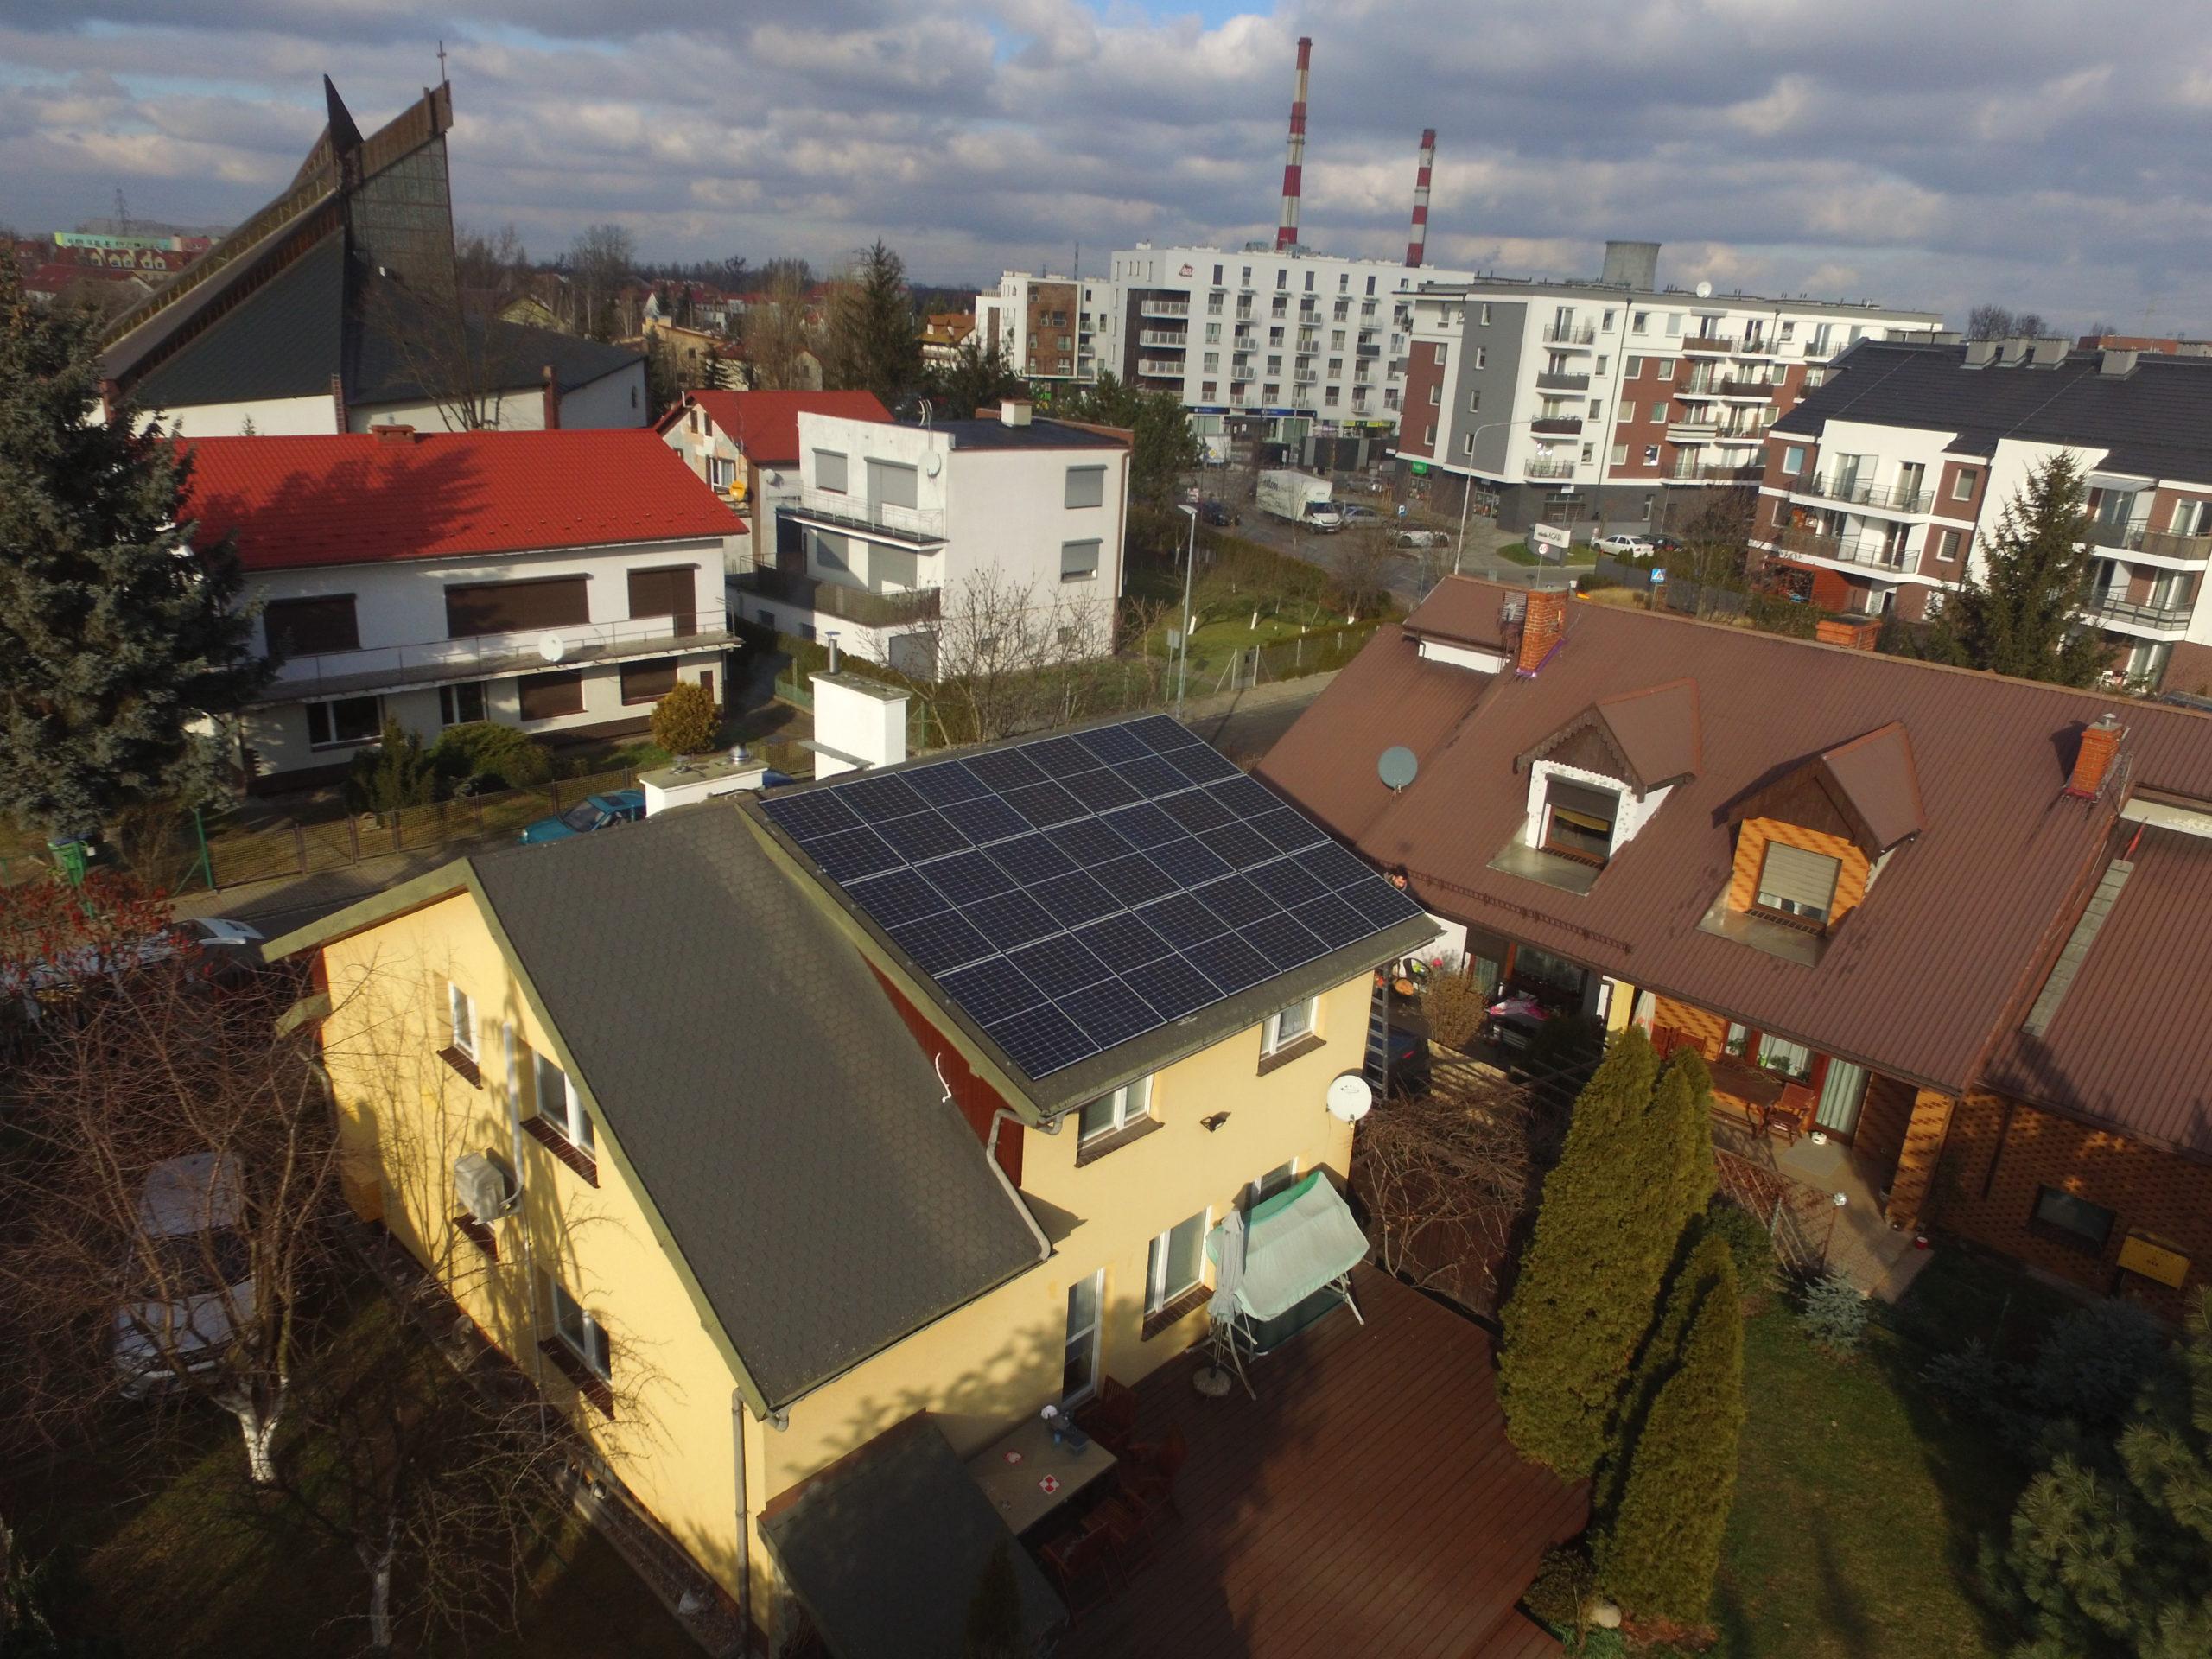 Instalacja fotowoltaiczna o mocy 7 kWp na dachu domu jednorodzinnego, Siechnice